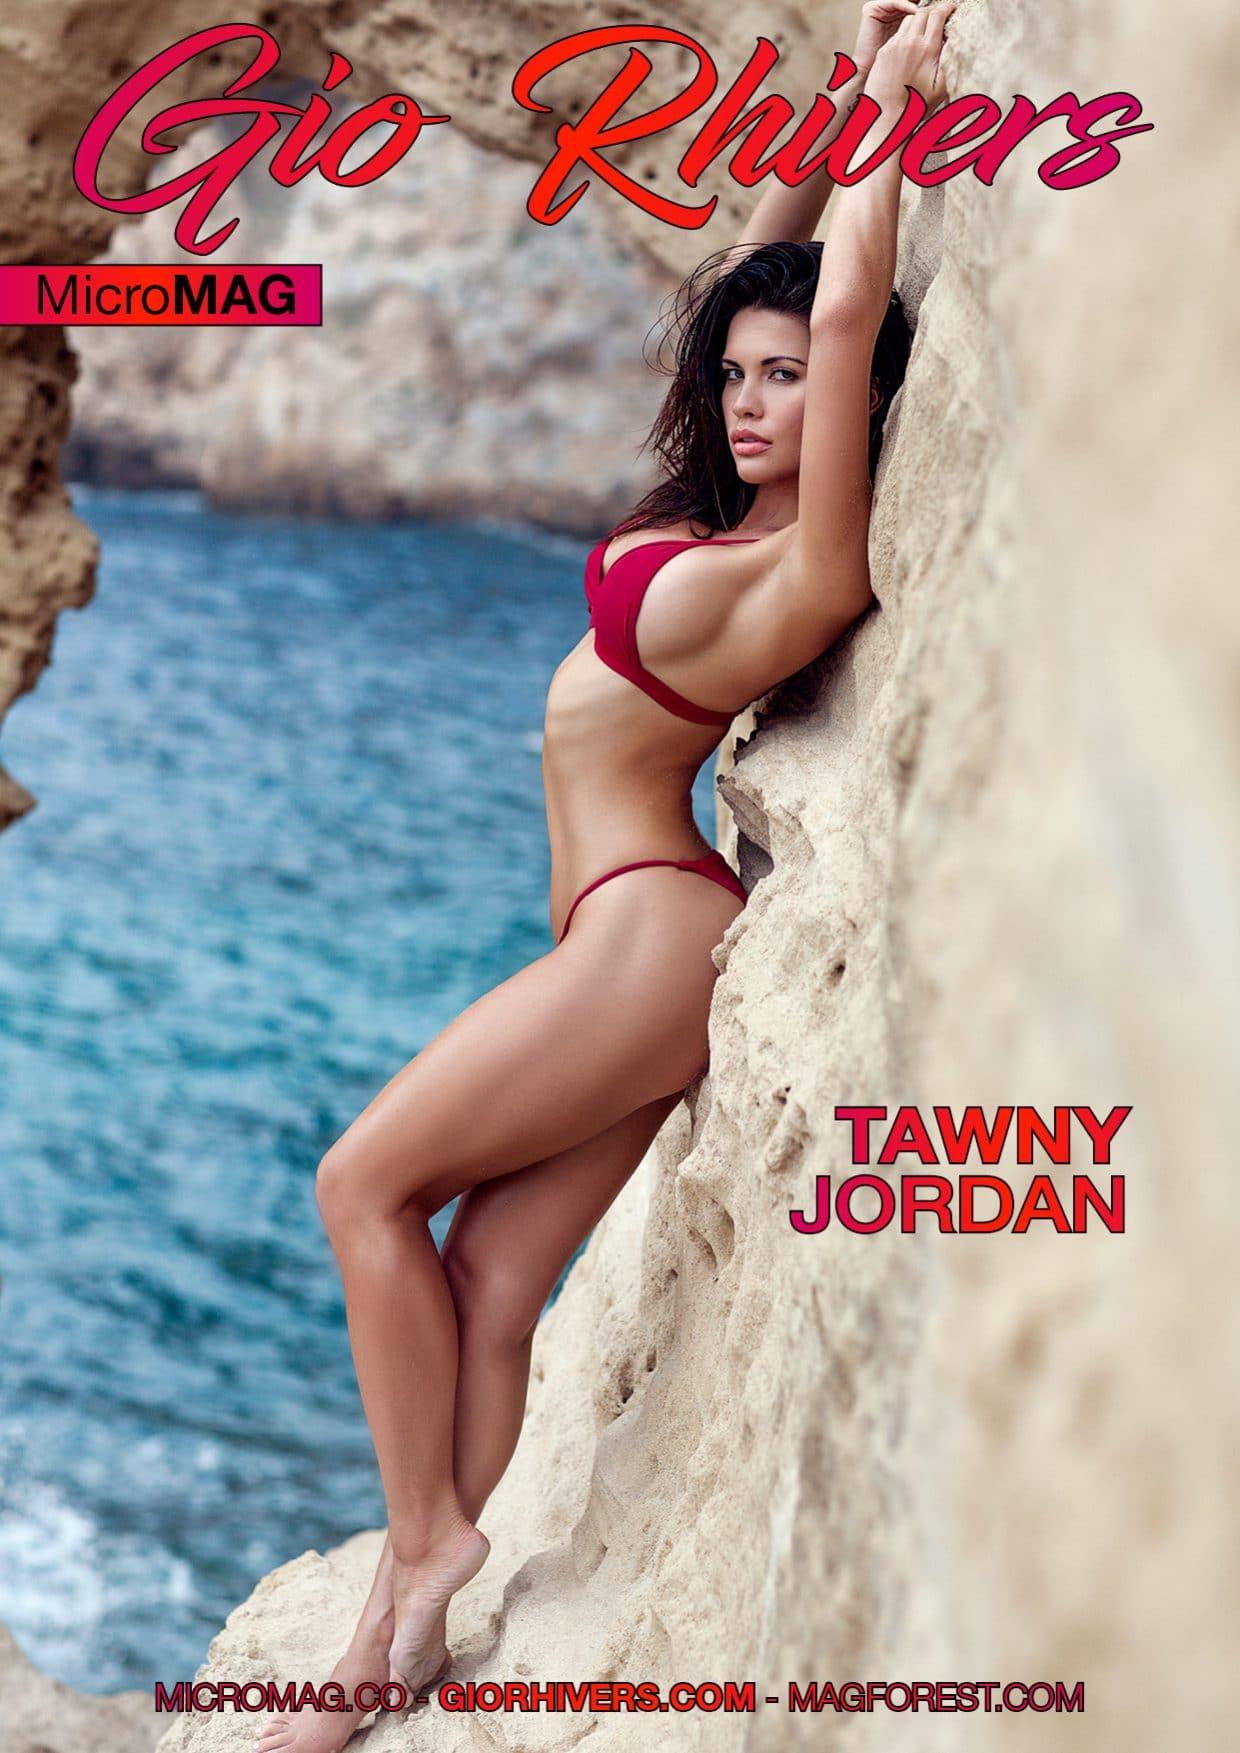 Gio Rhivers MicroMAG - Tawny Jordan 1